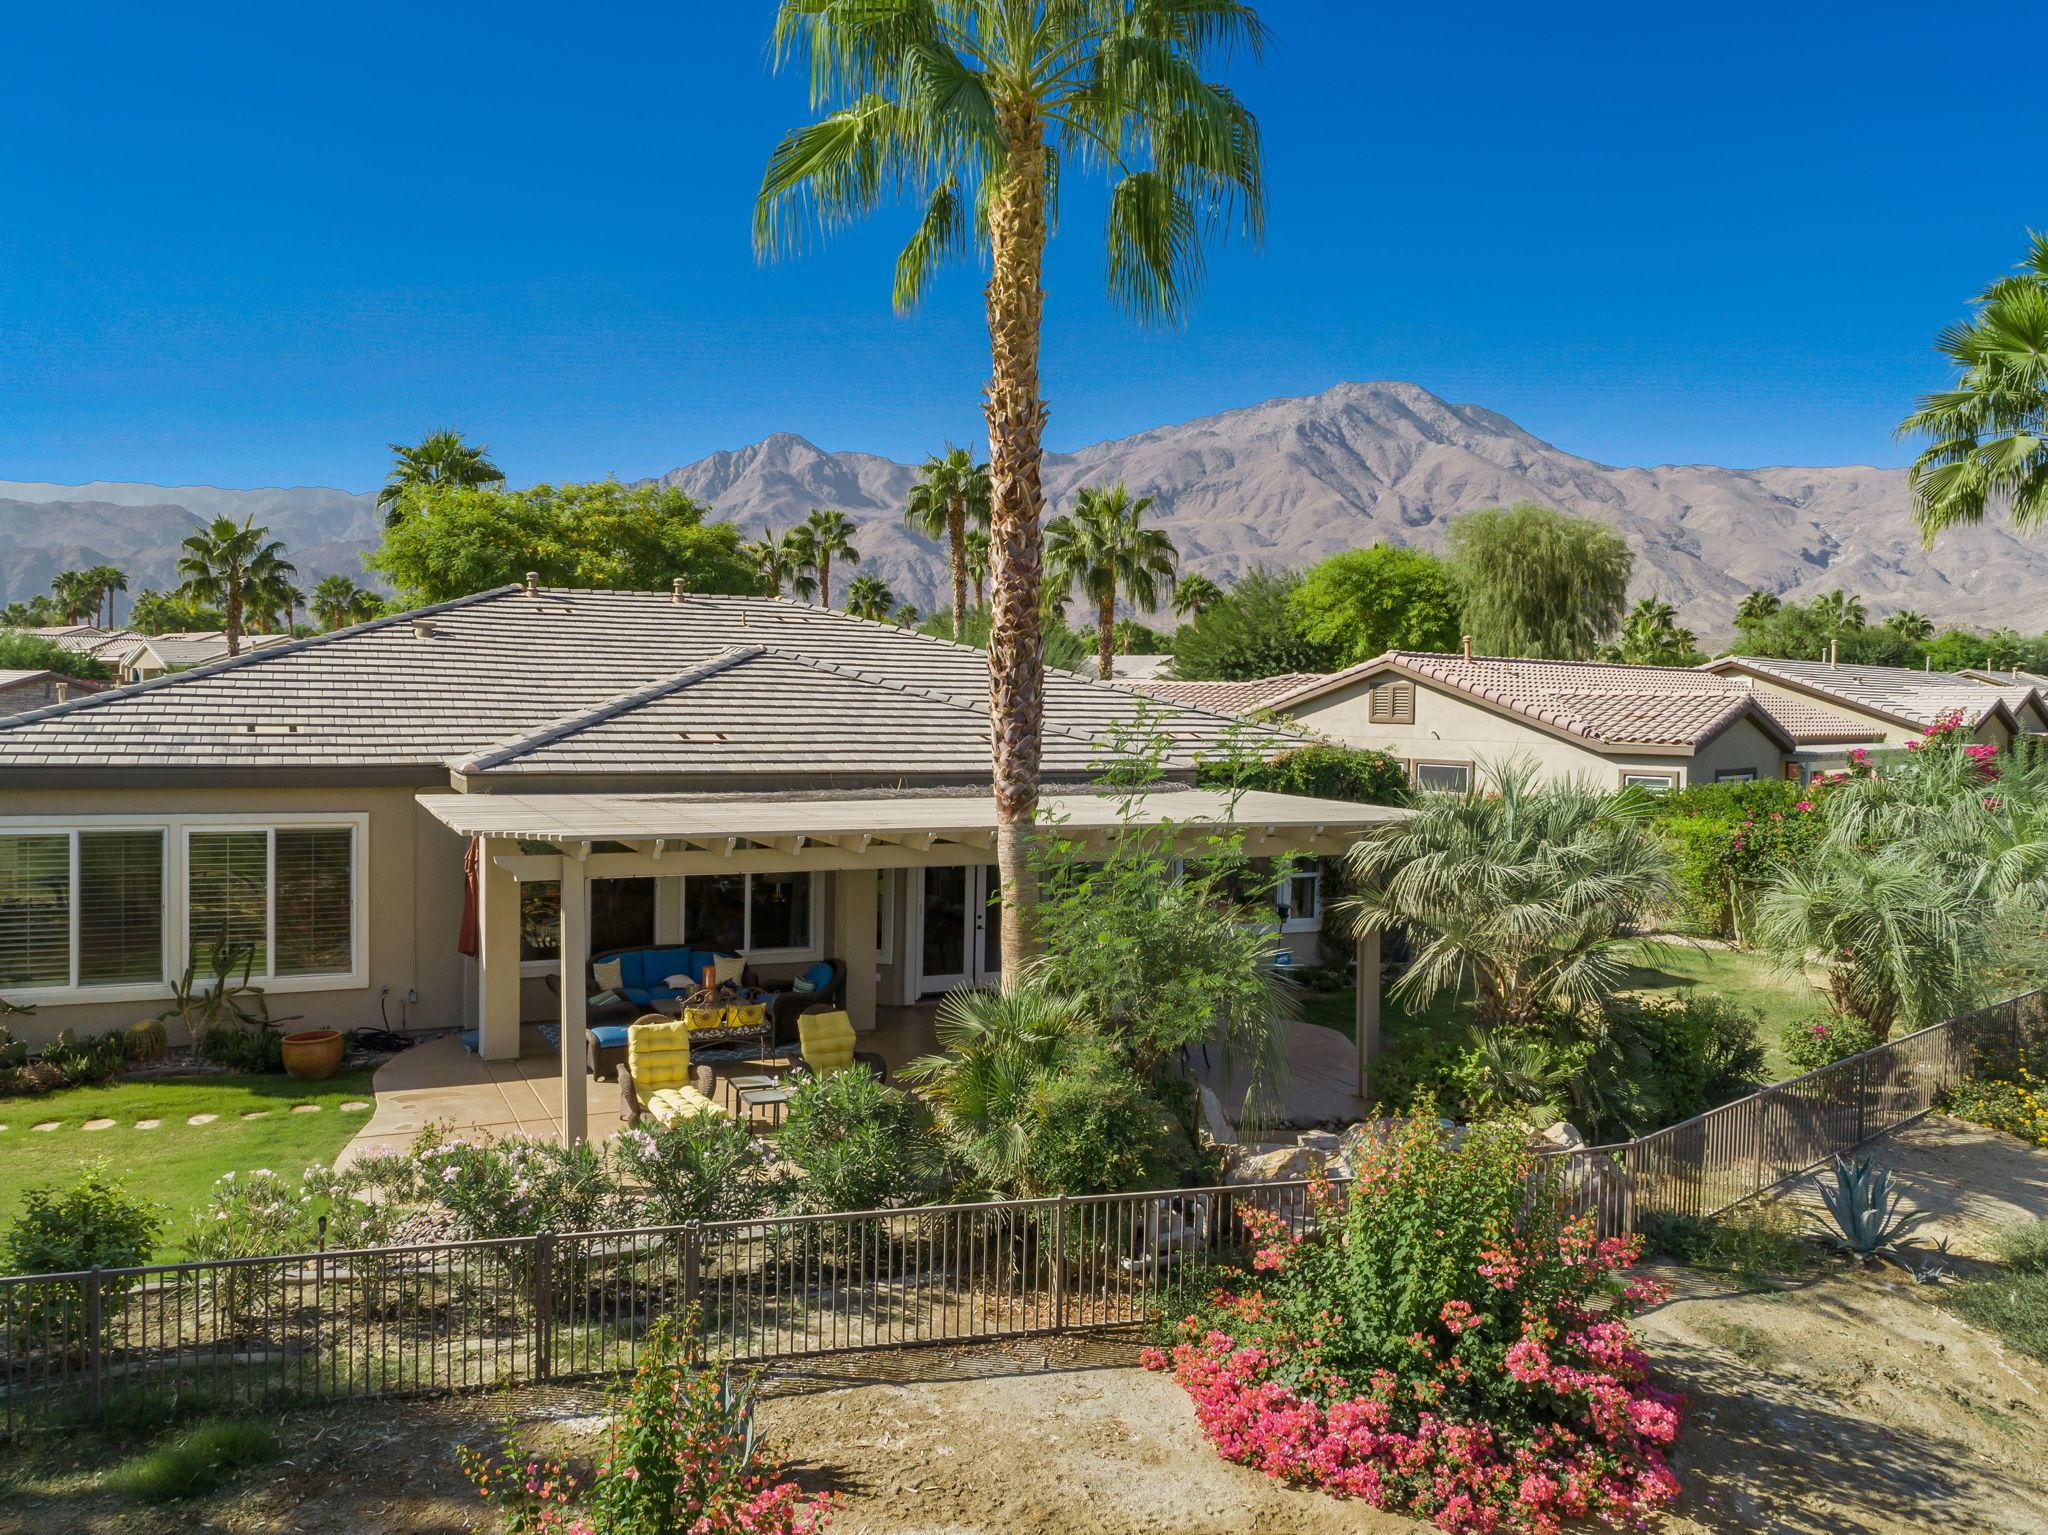 Photo of 81326 Barrel Cactus Road, La Quinta, CA 92253